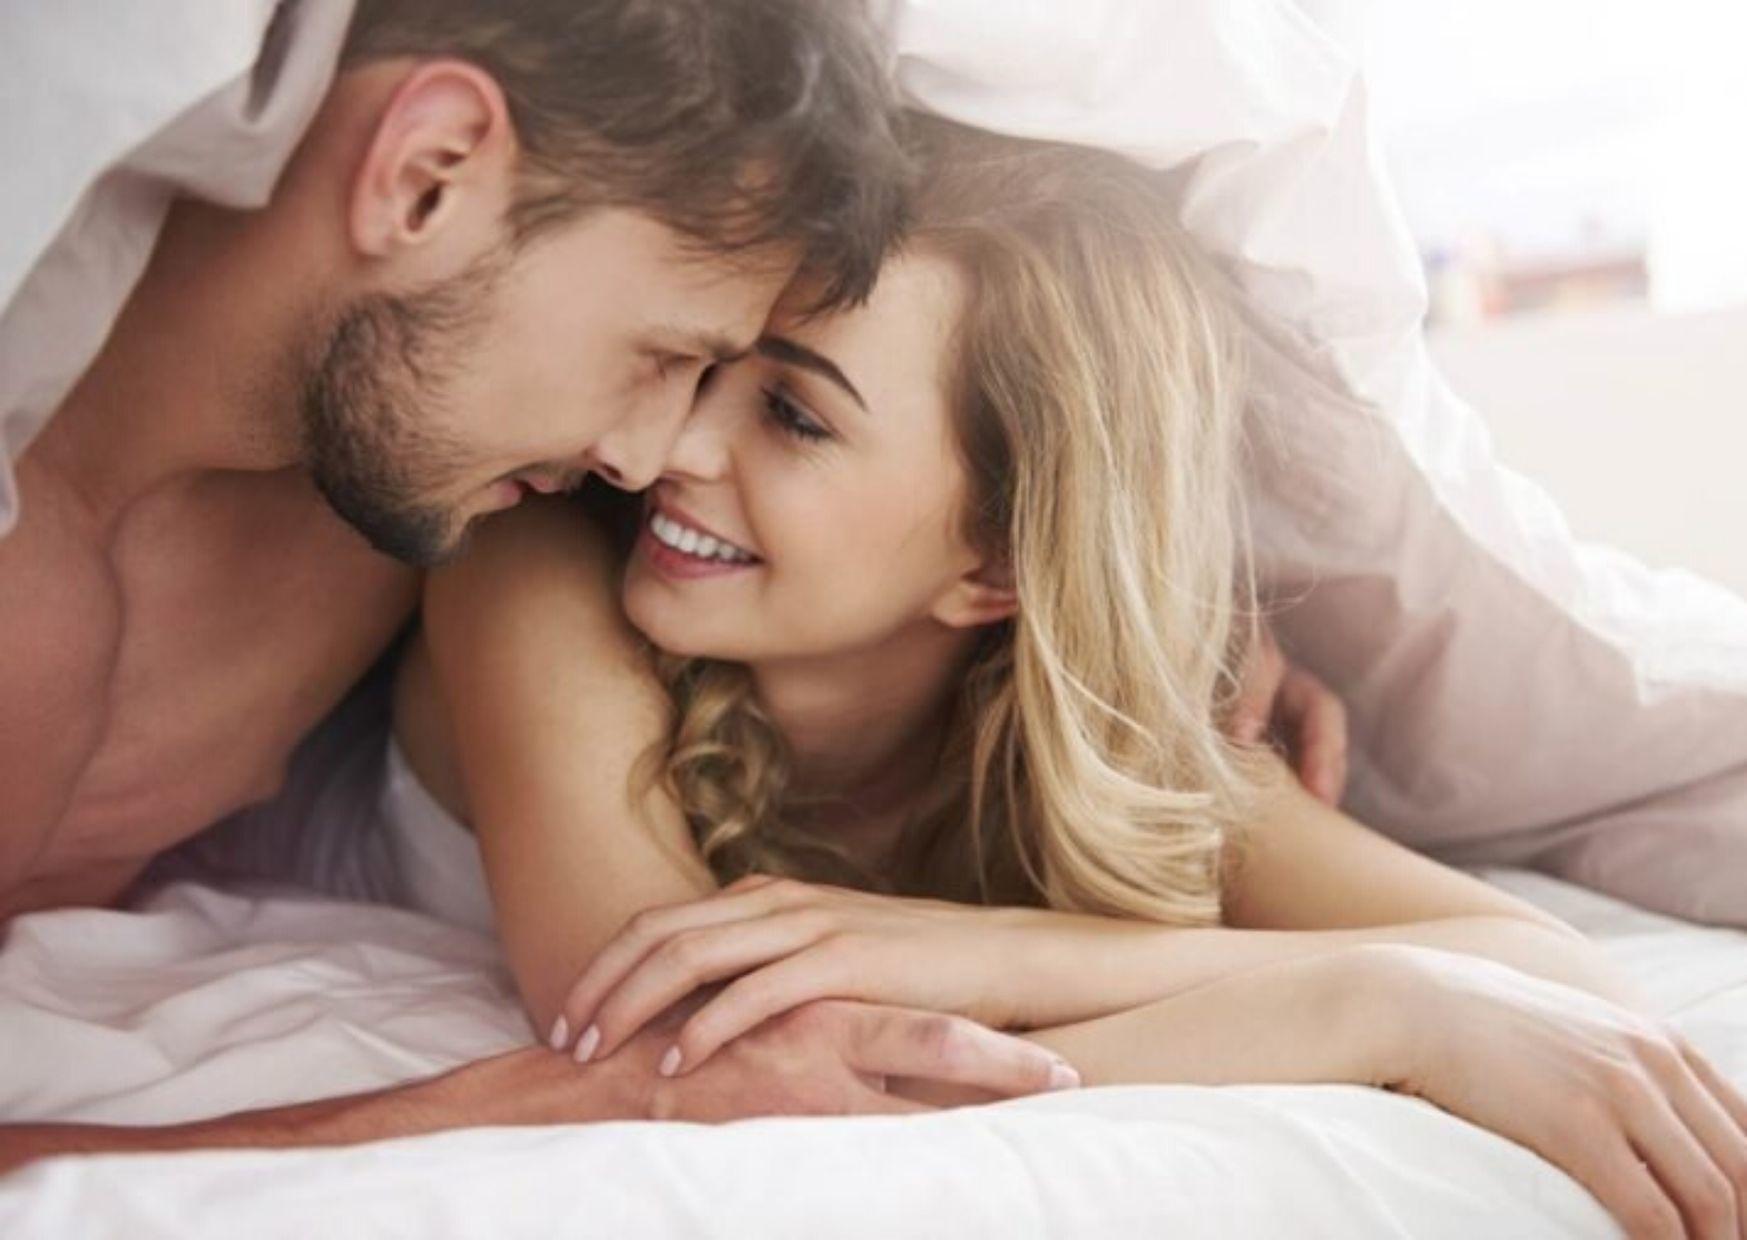 Raih Orgasme Nikmat dengan 5 Posisi Seks Ini